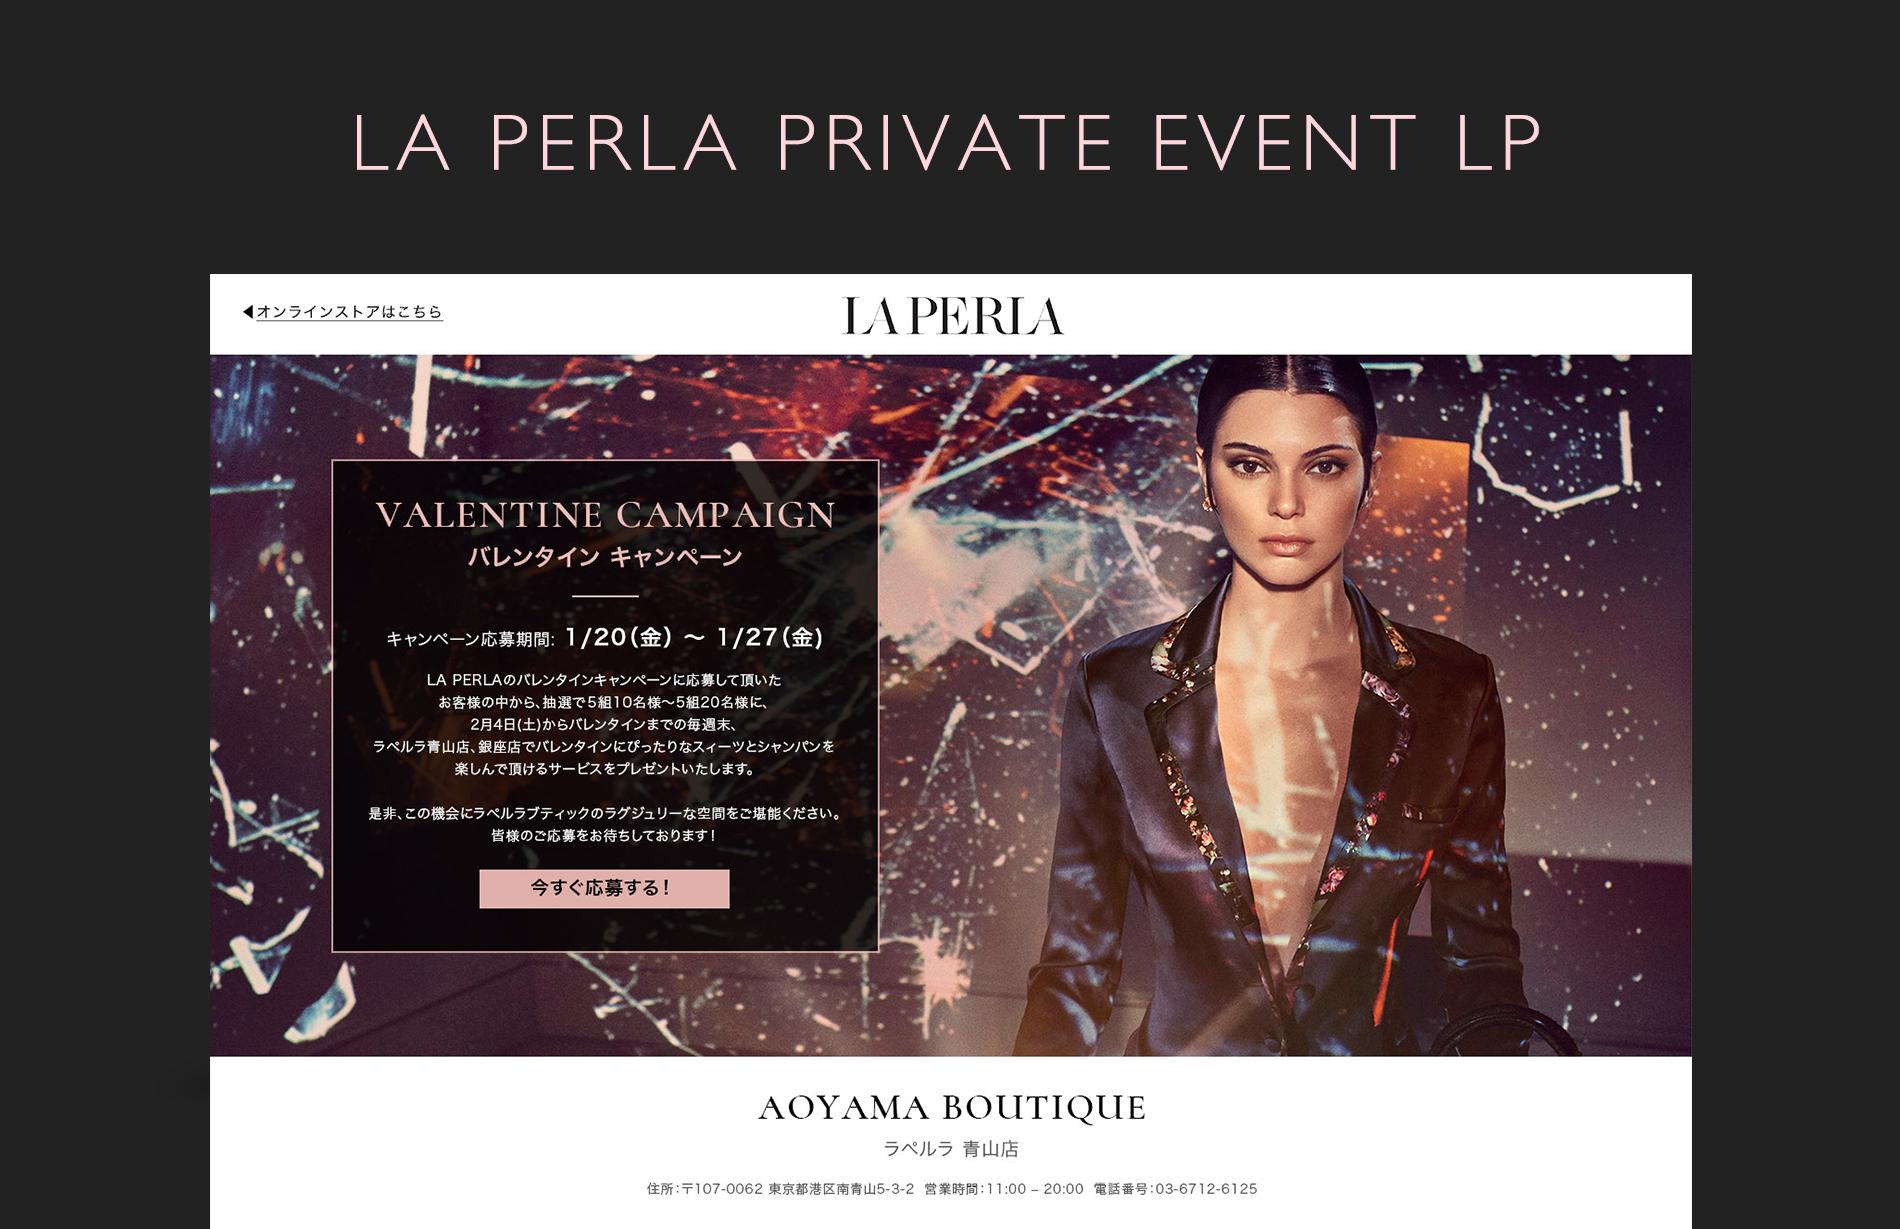 La Perla private event LP